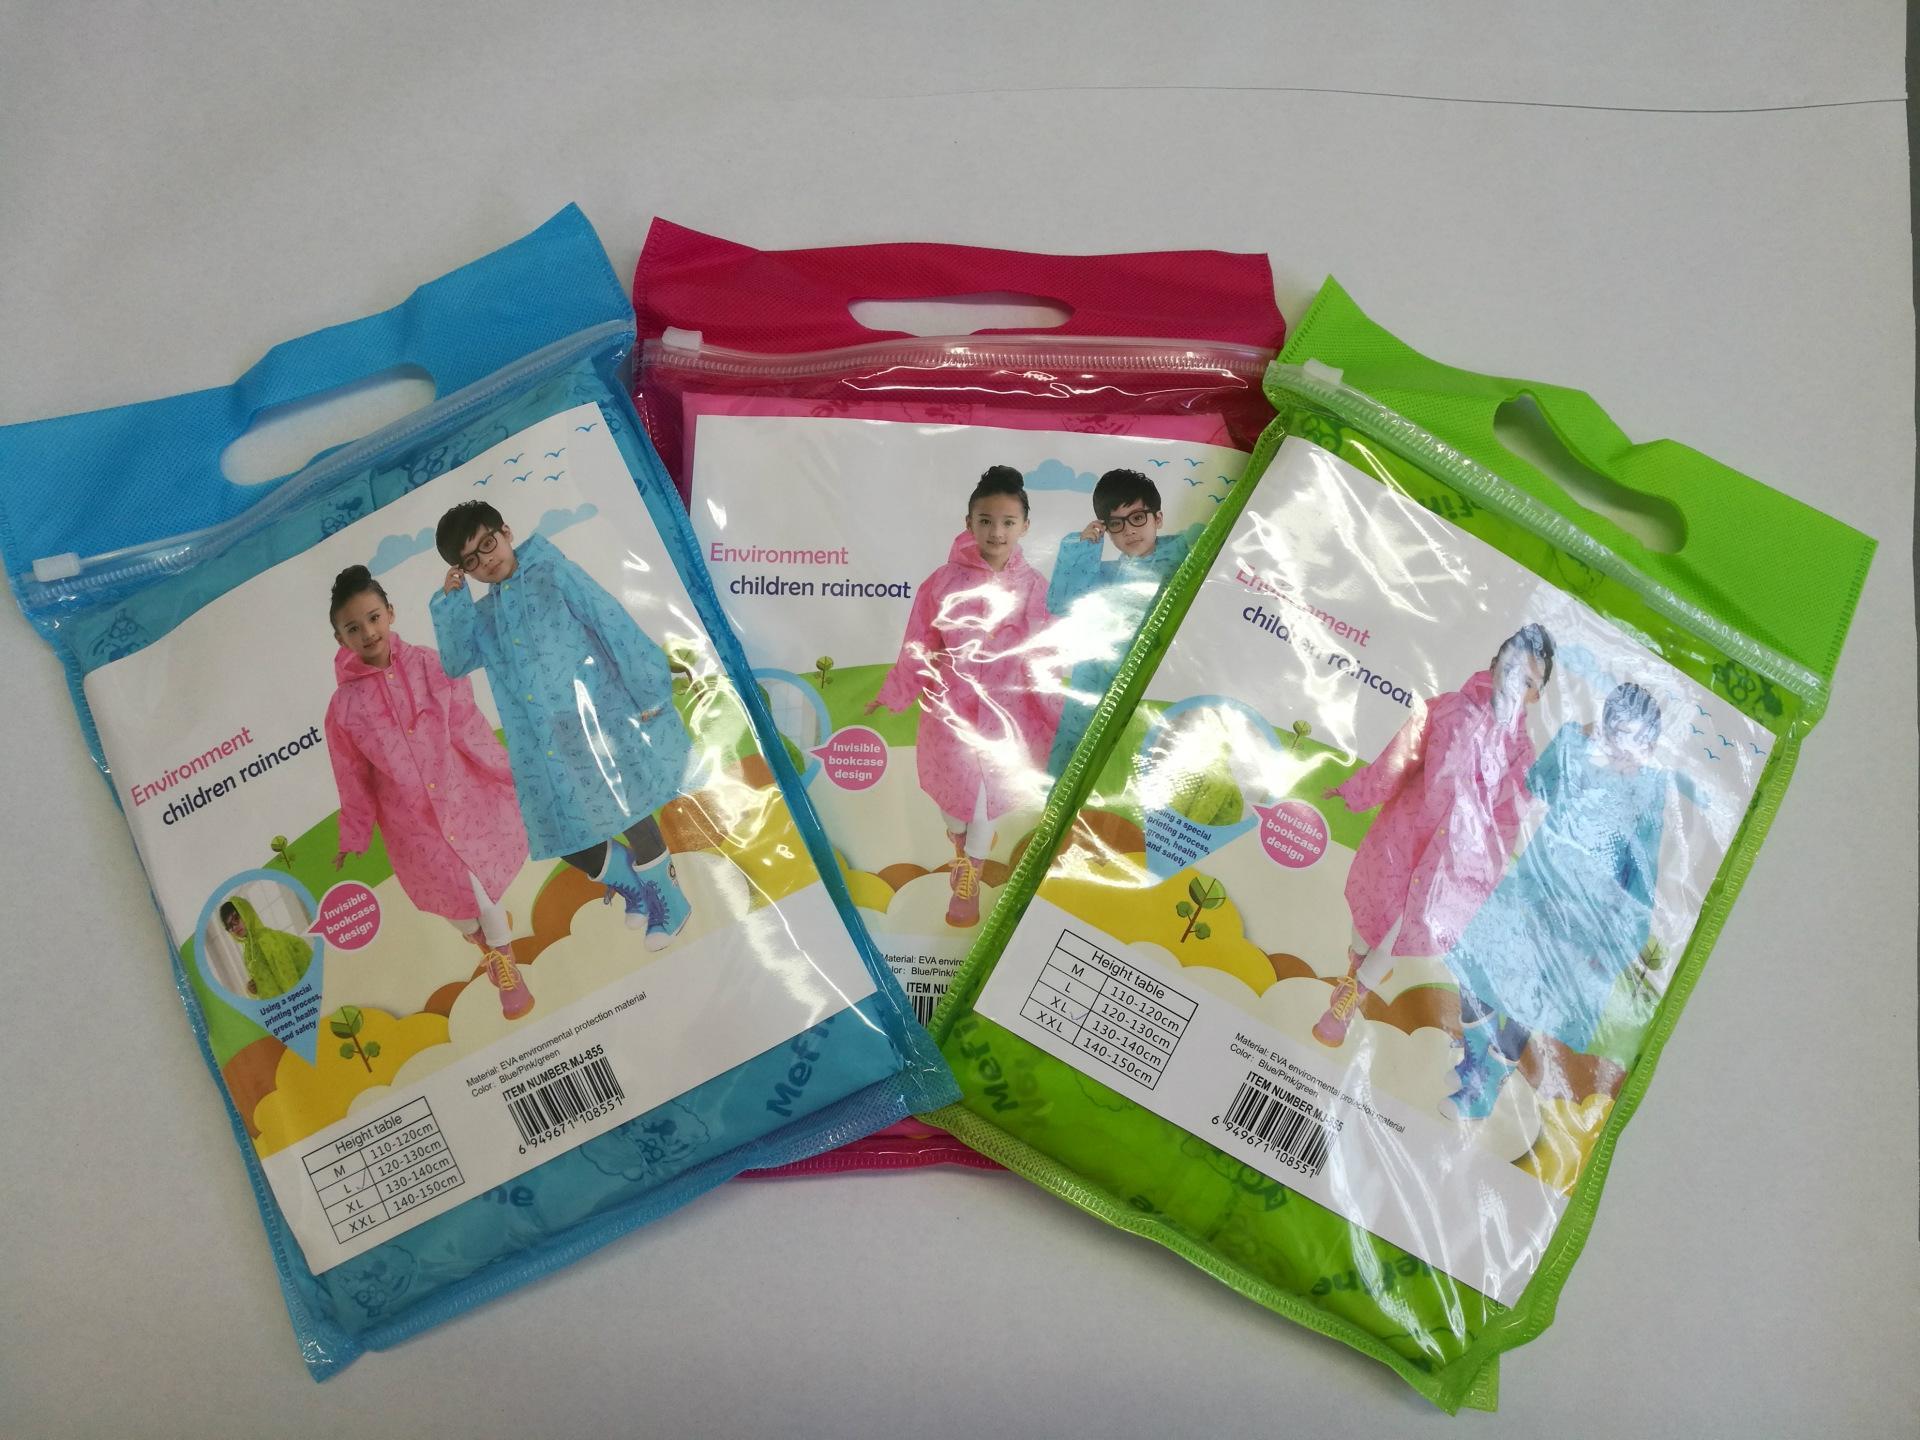 sede impermeabile EVA sede moda zainetto sDgur U6Lrn bambini poncho nuova yuyi stampato bambini impermeabile EVA studentessa di moda zainetto stu